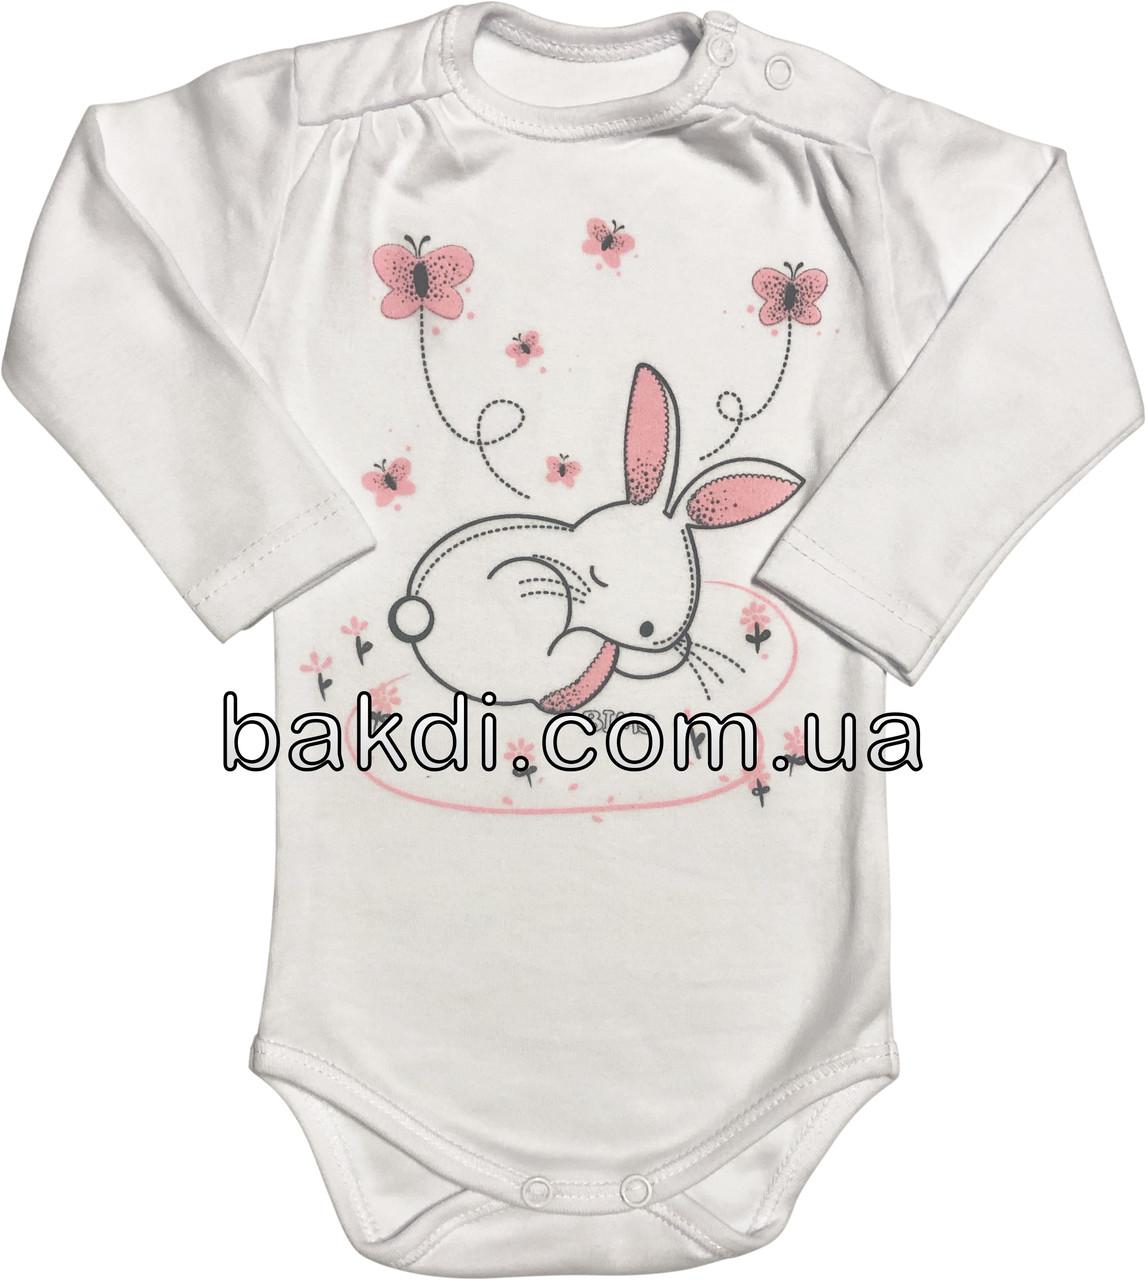 Детское боди на девочку рост 56 0-2 мес для новорожденных трикотажное с длинным рукавом интерлок белое